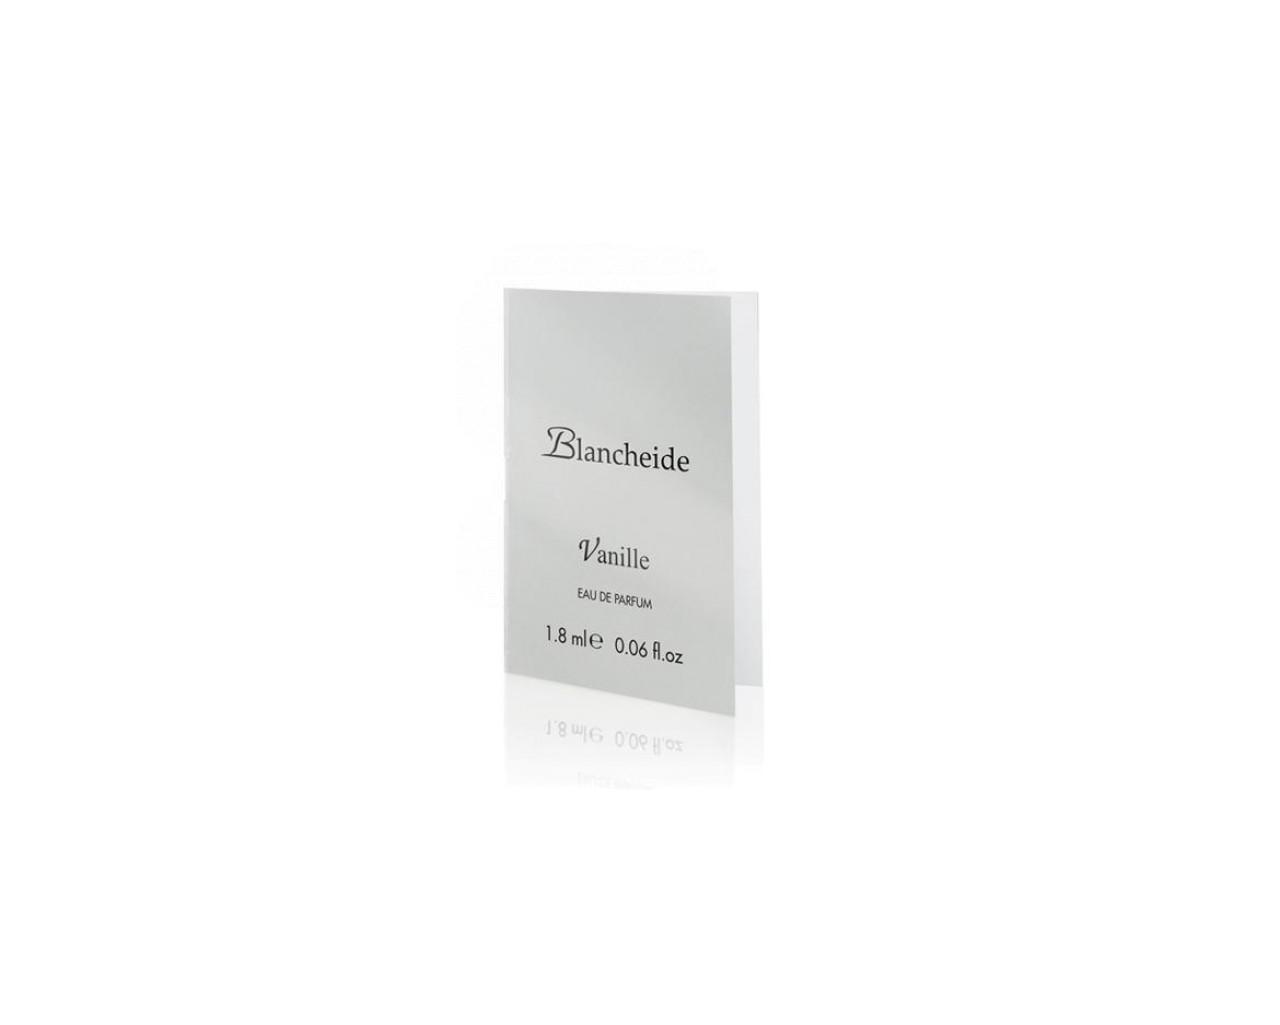 Campioncino Vanille Blancheide EDP 1,8 ml Blancheide BLAS001VA-02